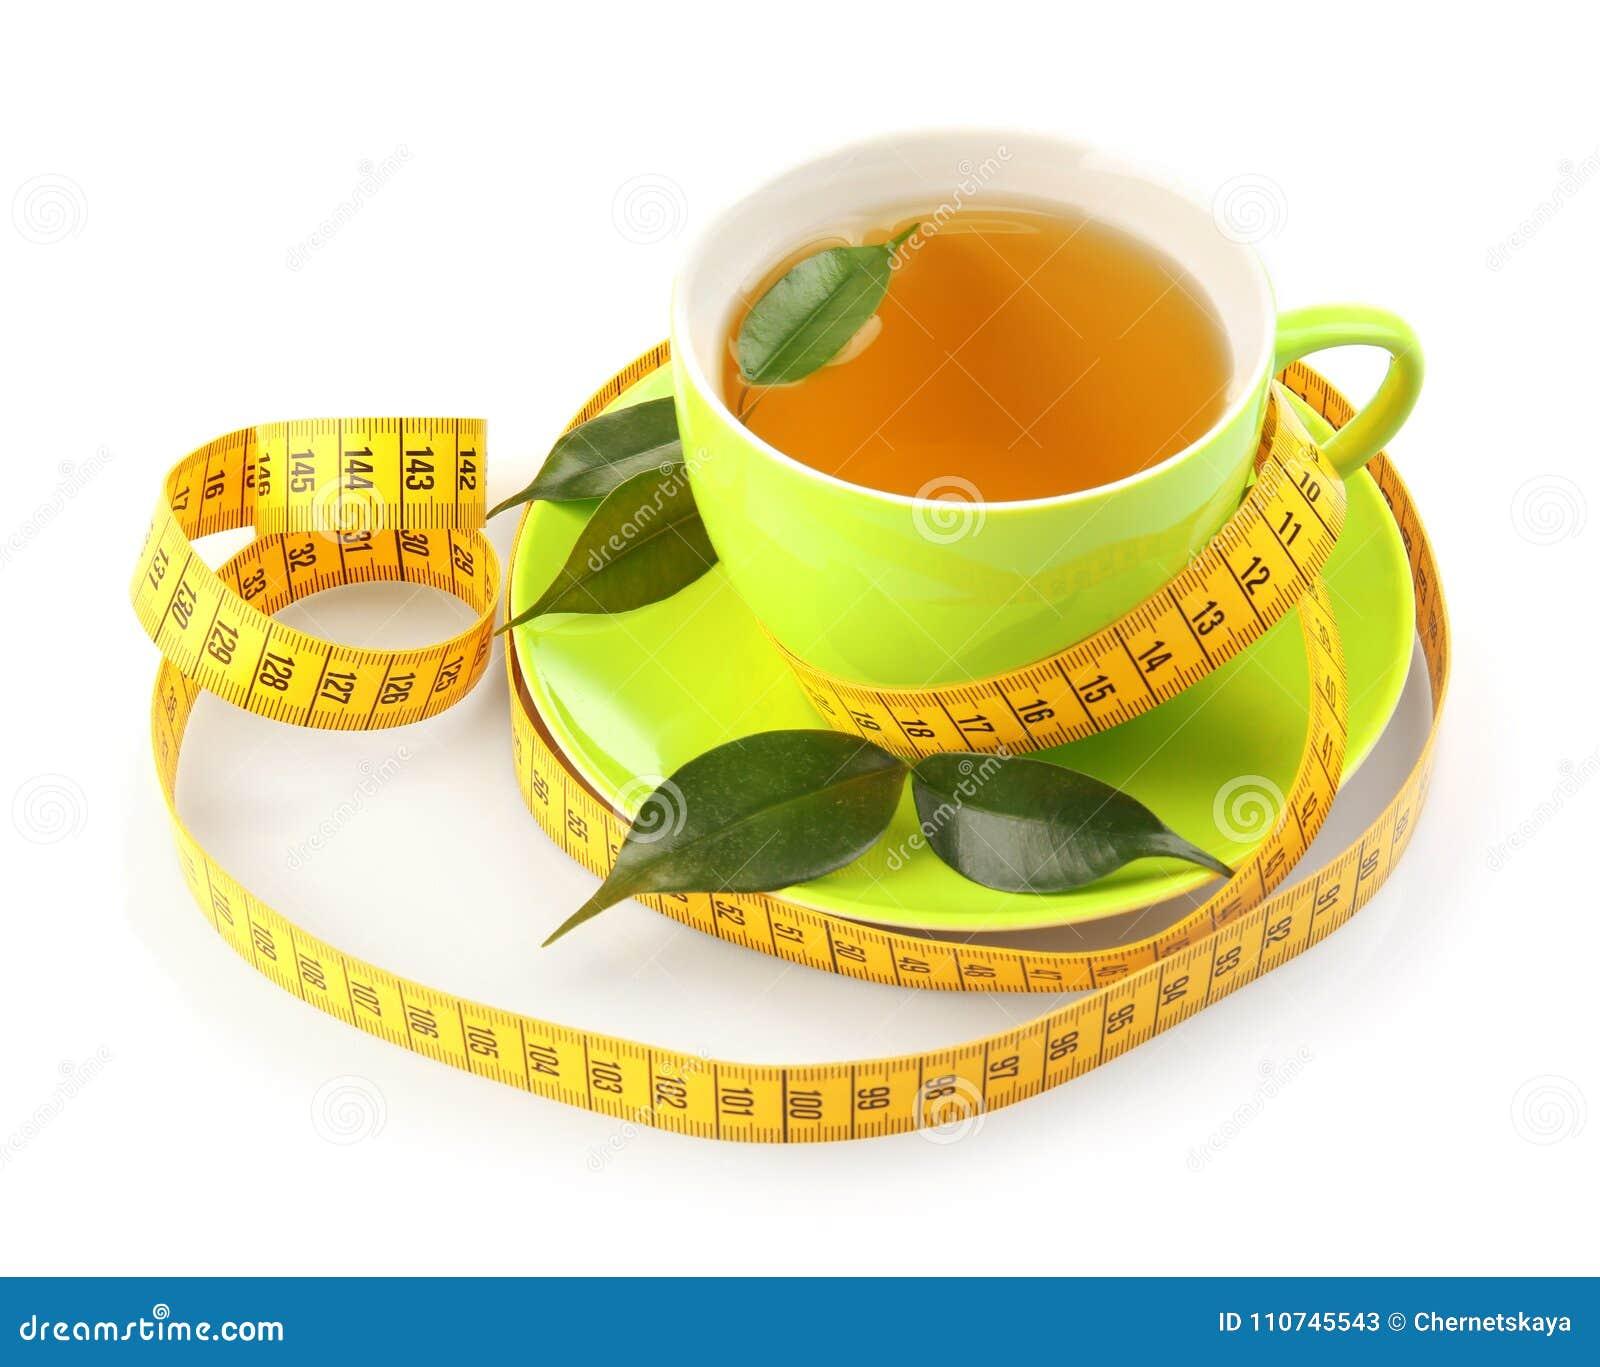 Un thérapeute peut-il aider à perdre du poids perdre 7 kg de poids